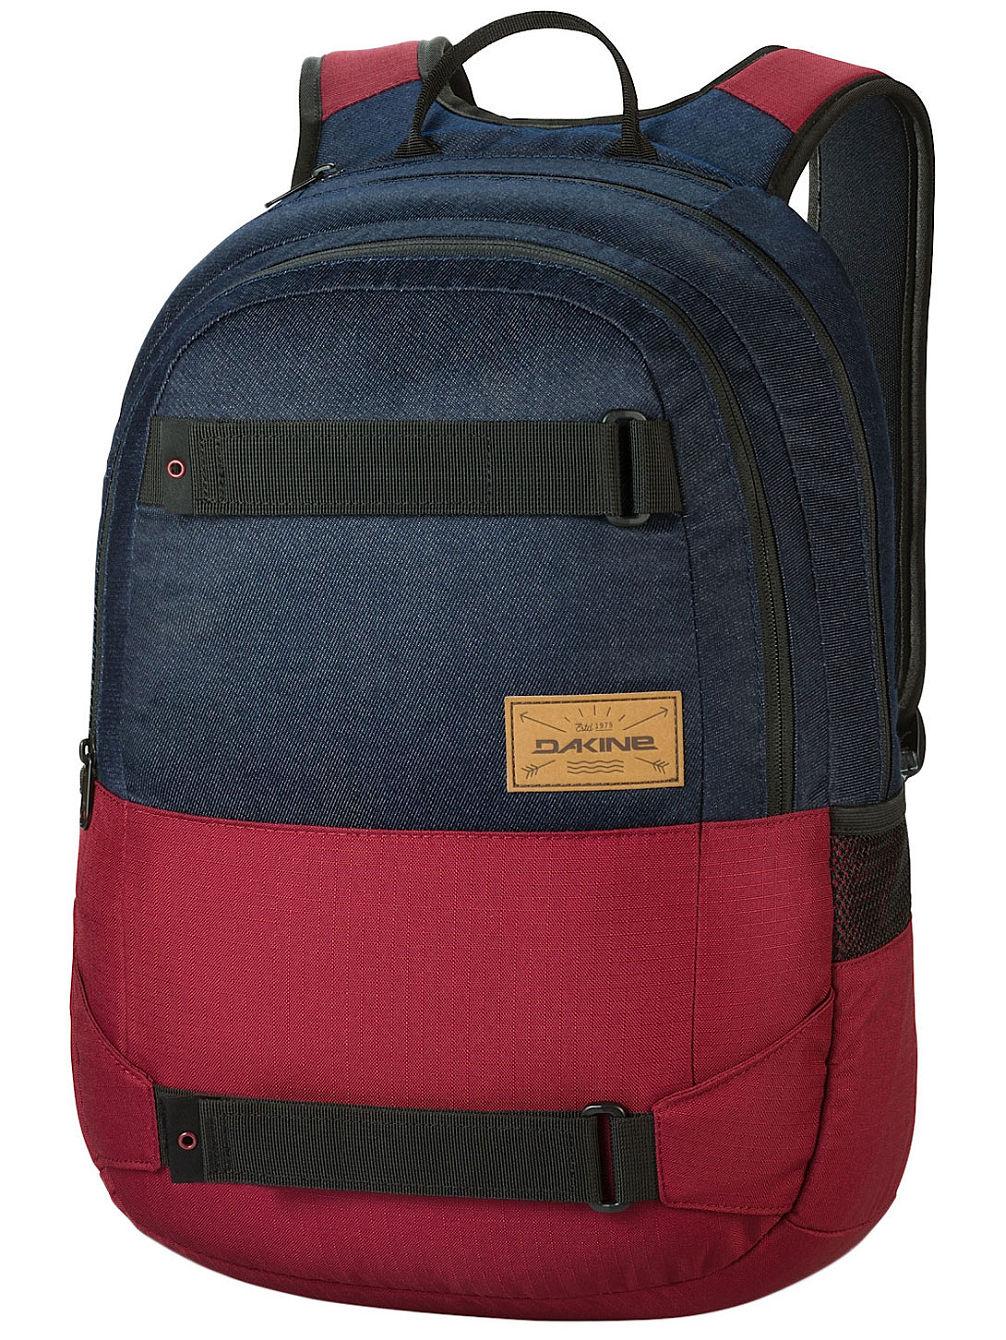 option-27l-backpack